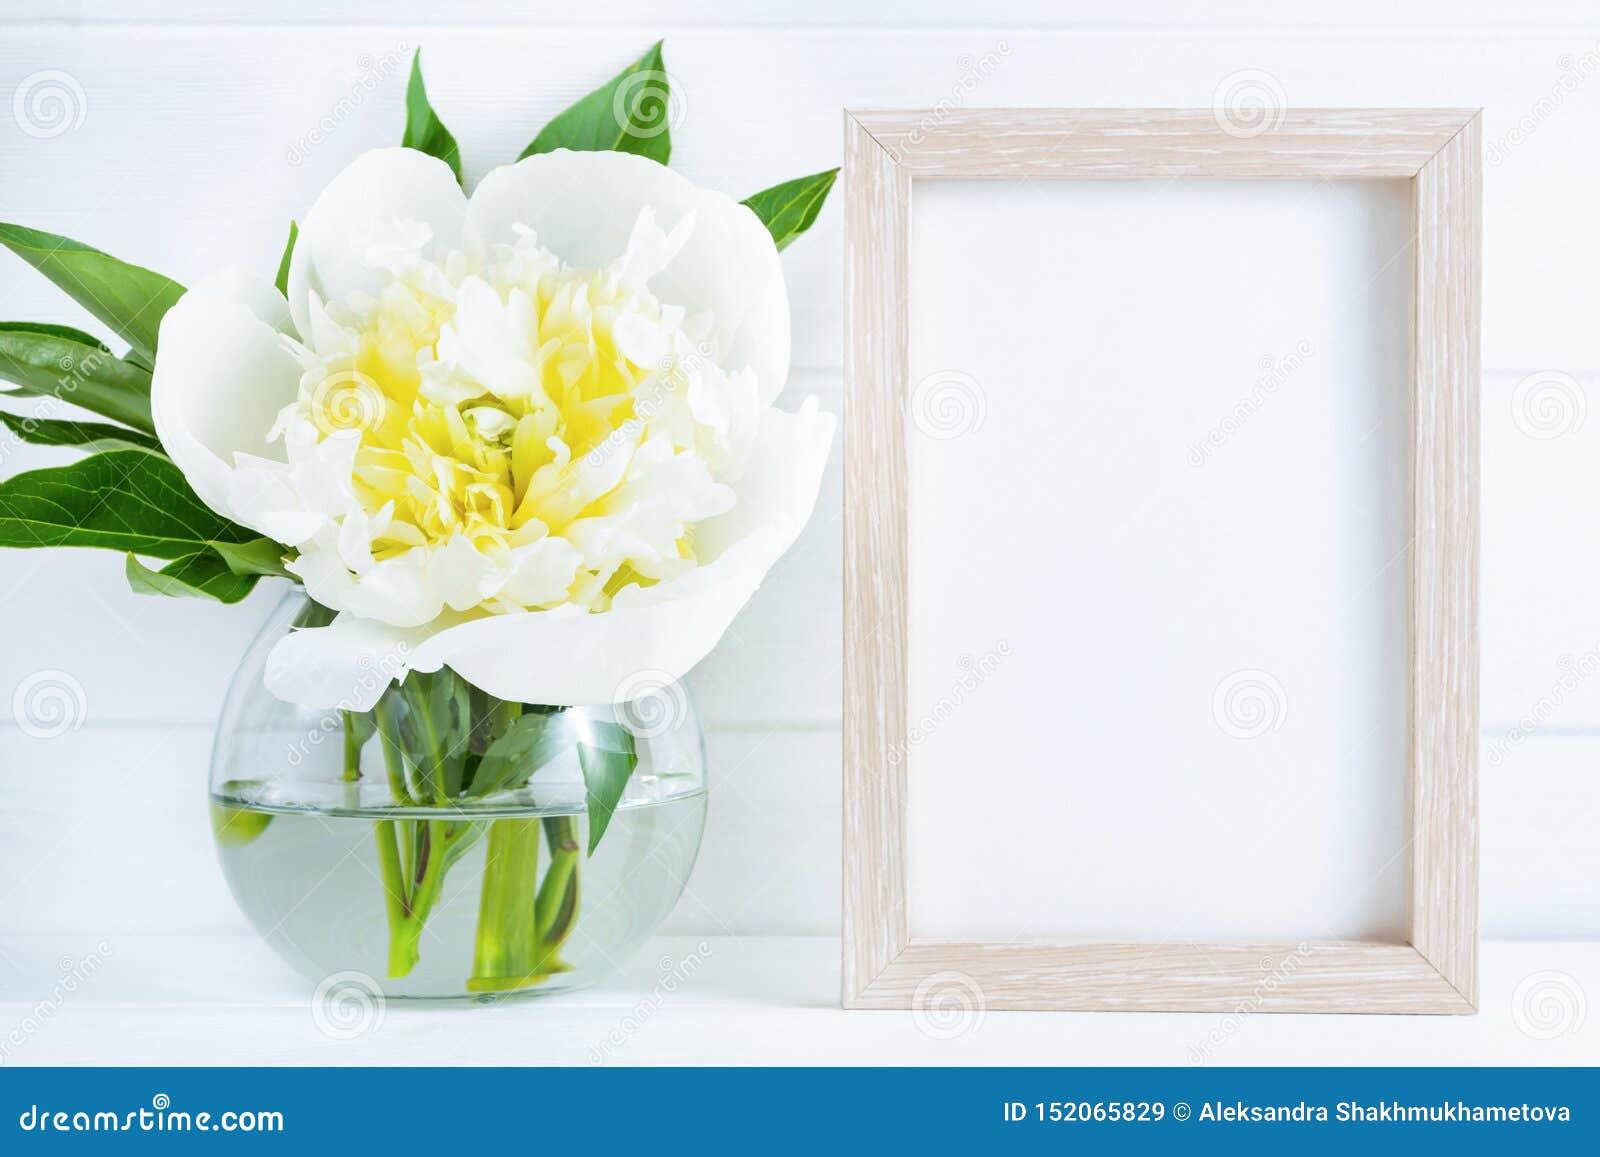 Flor branca da peônia no vaso no fundo de madeira branco com espaço do modelo ou da cópia